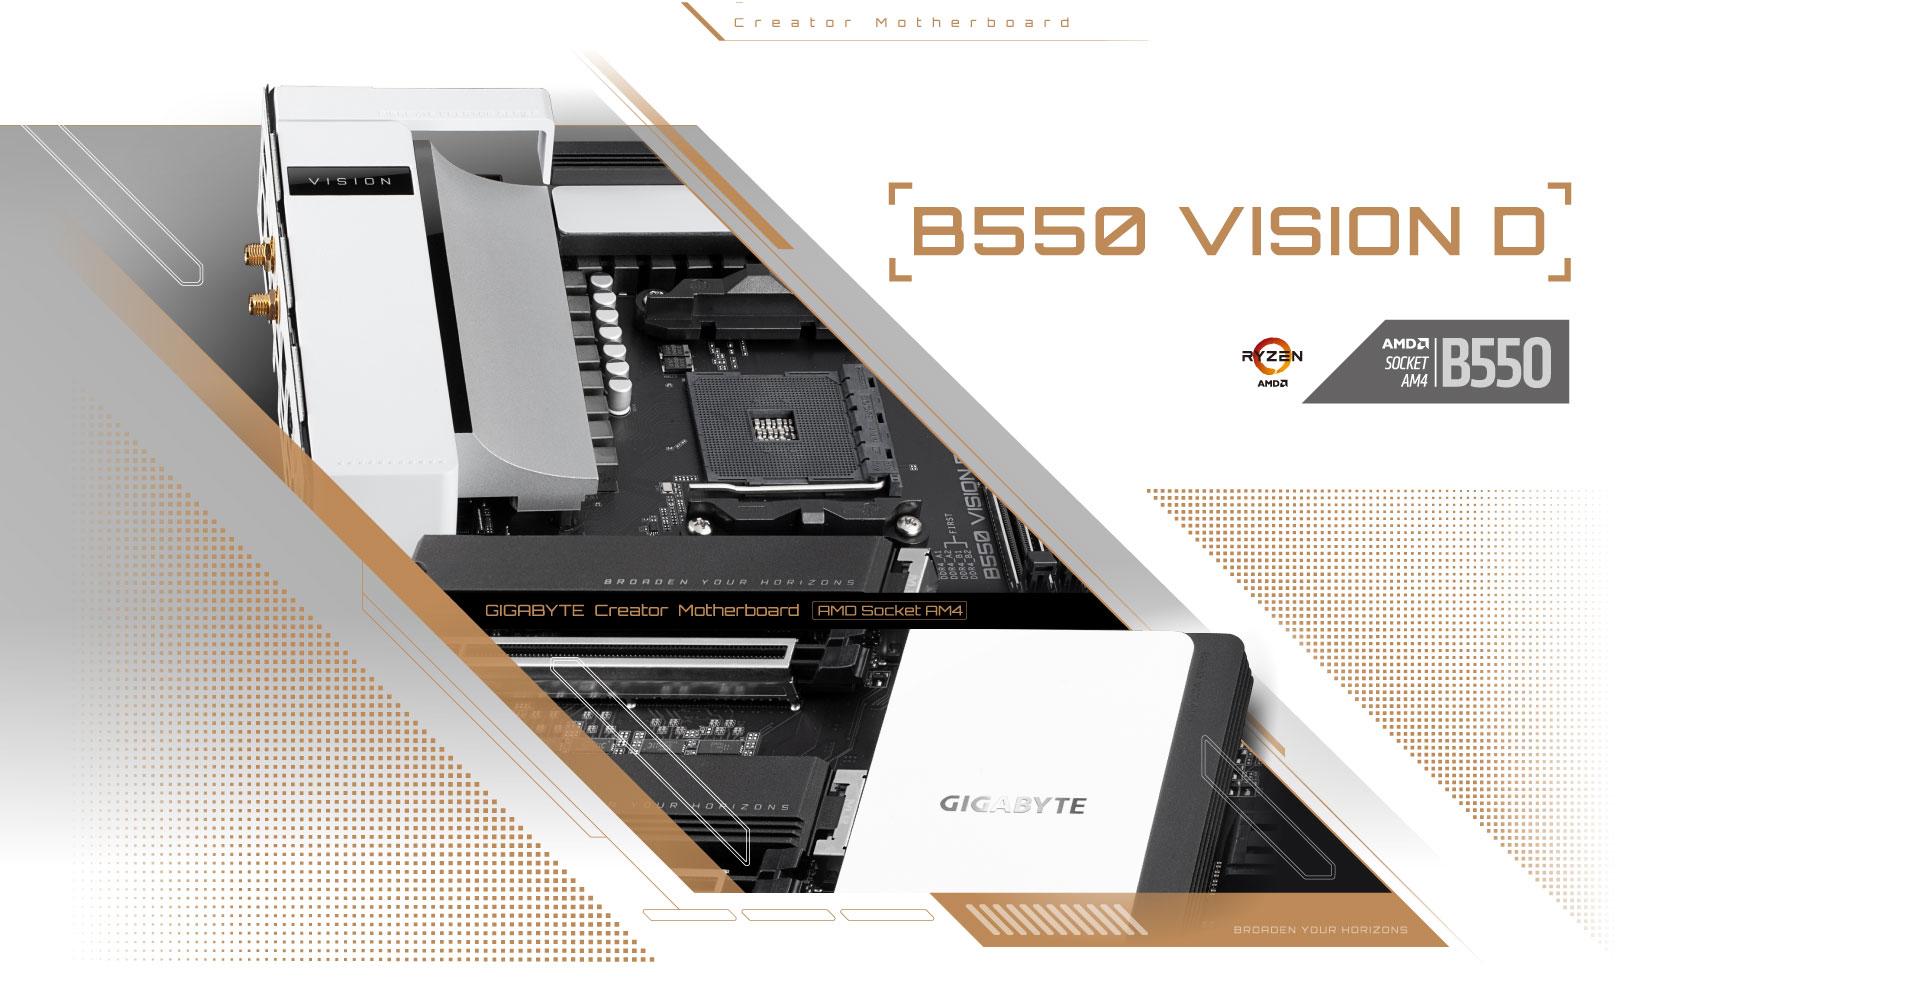 Review Gigabyte B550 VISION D 1